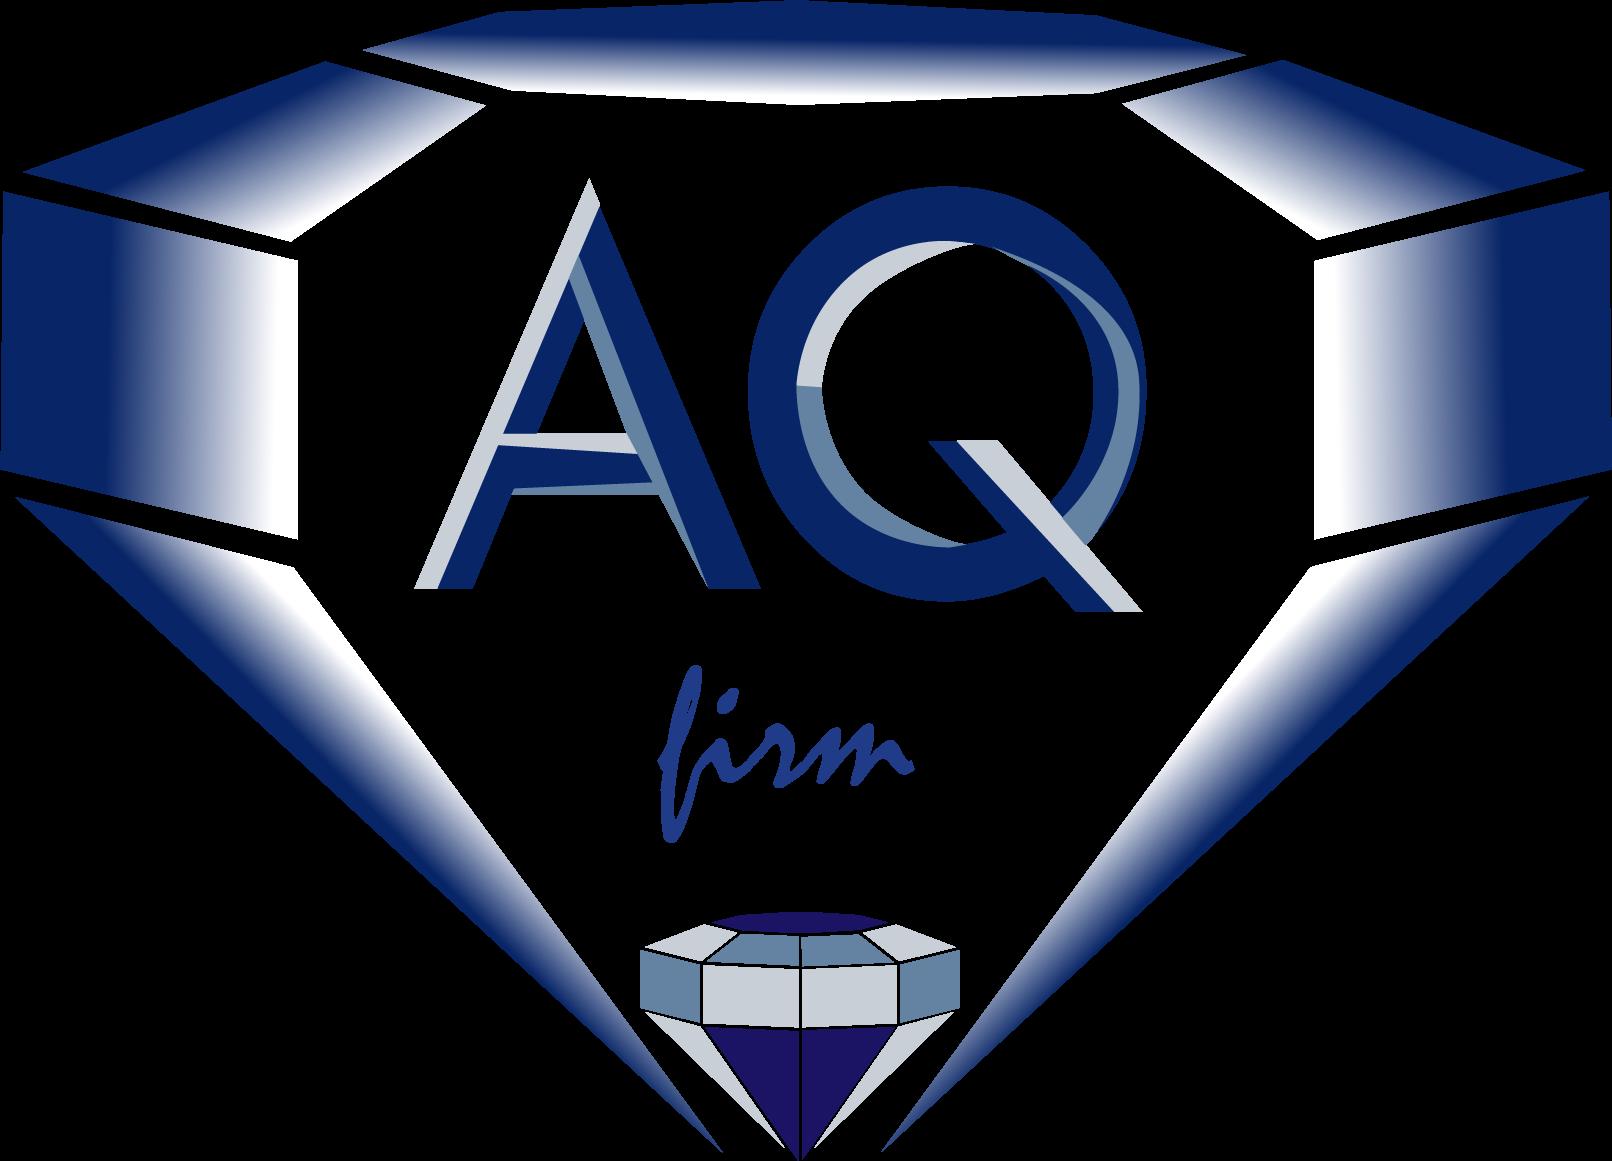 AQ firm